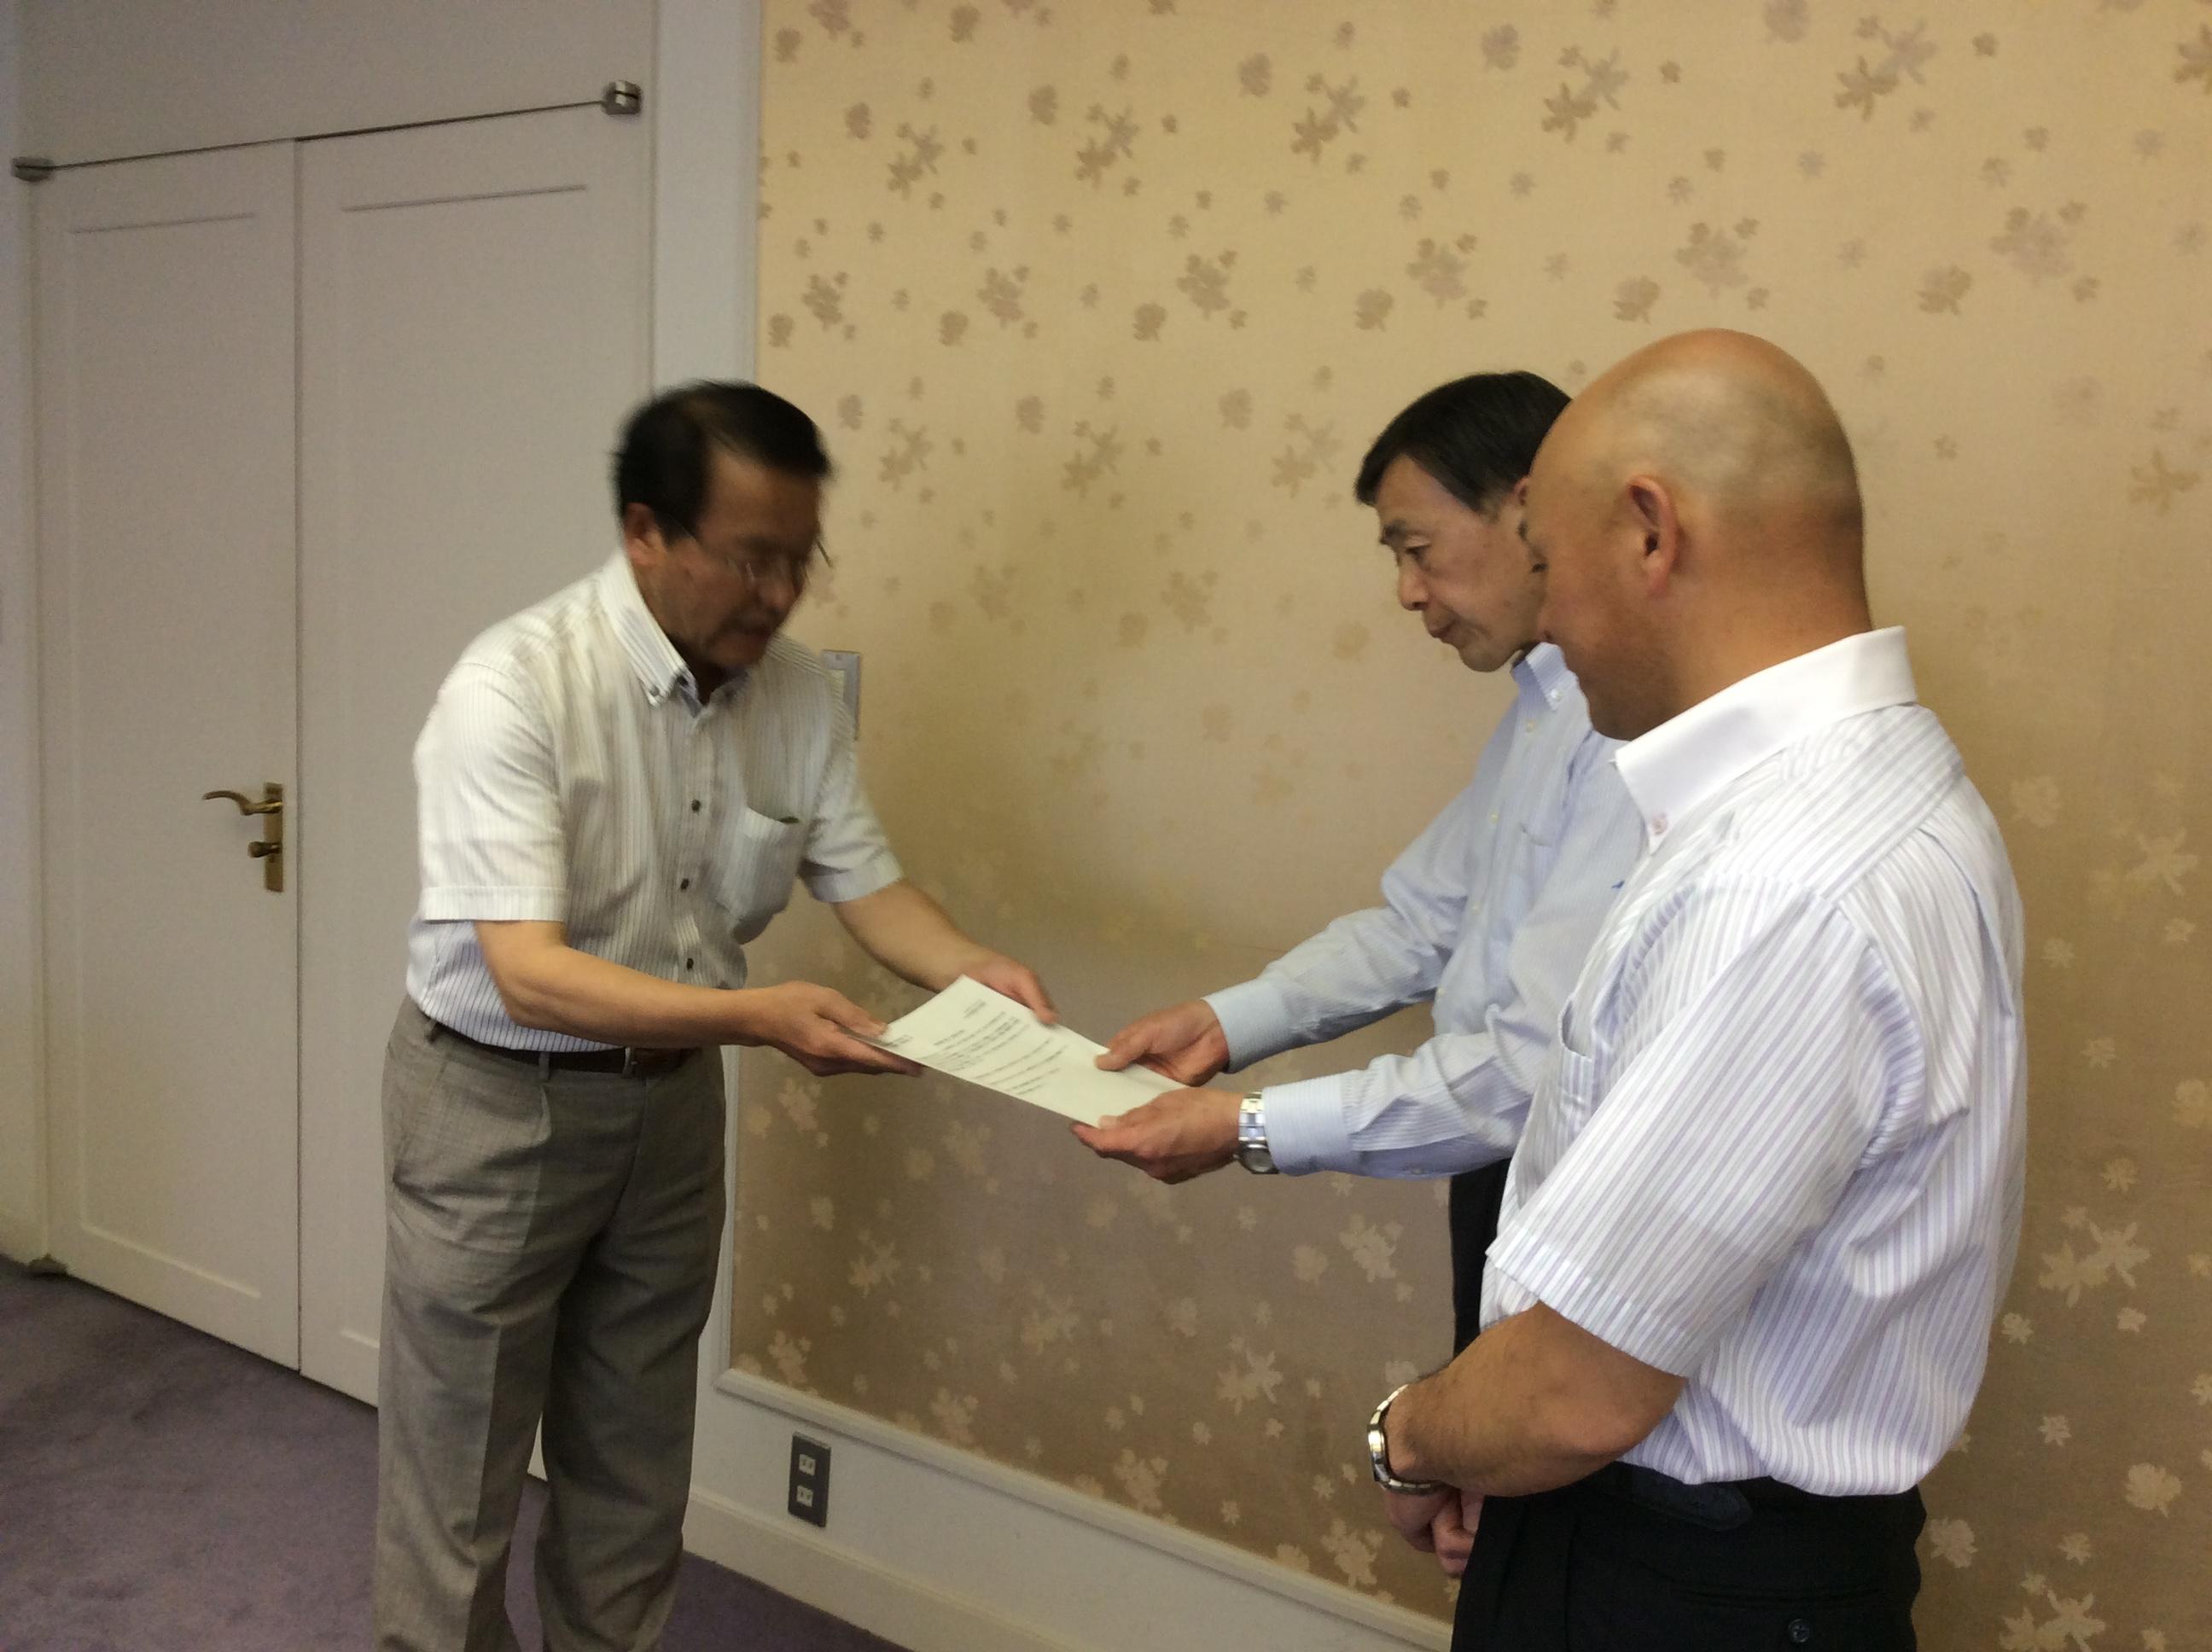 町田議長(右から2人目)、内藤副議長(右端)に懇談の要請書を手渡す猪股議員(左端)